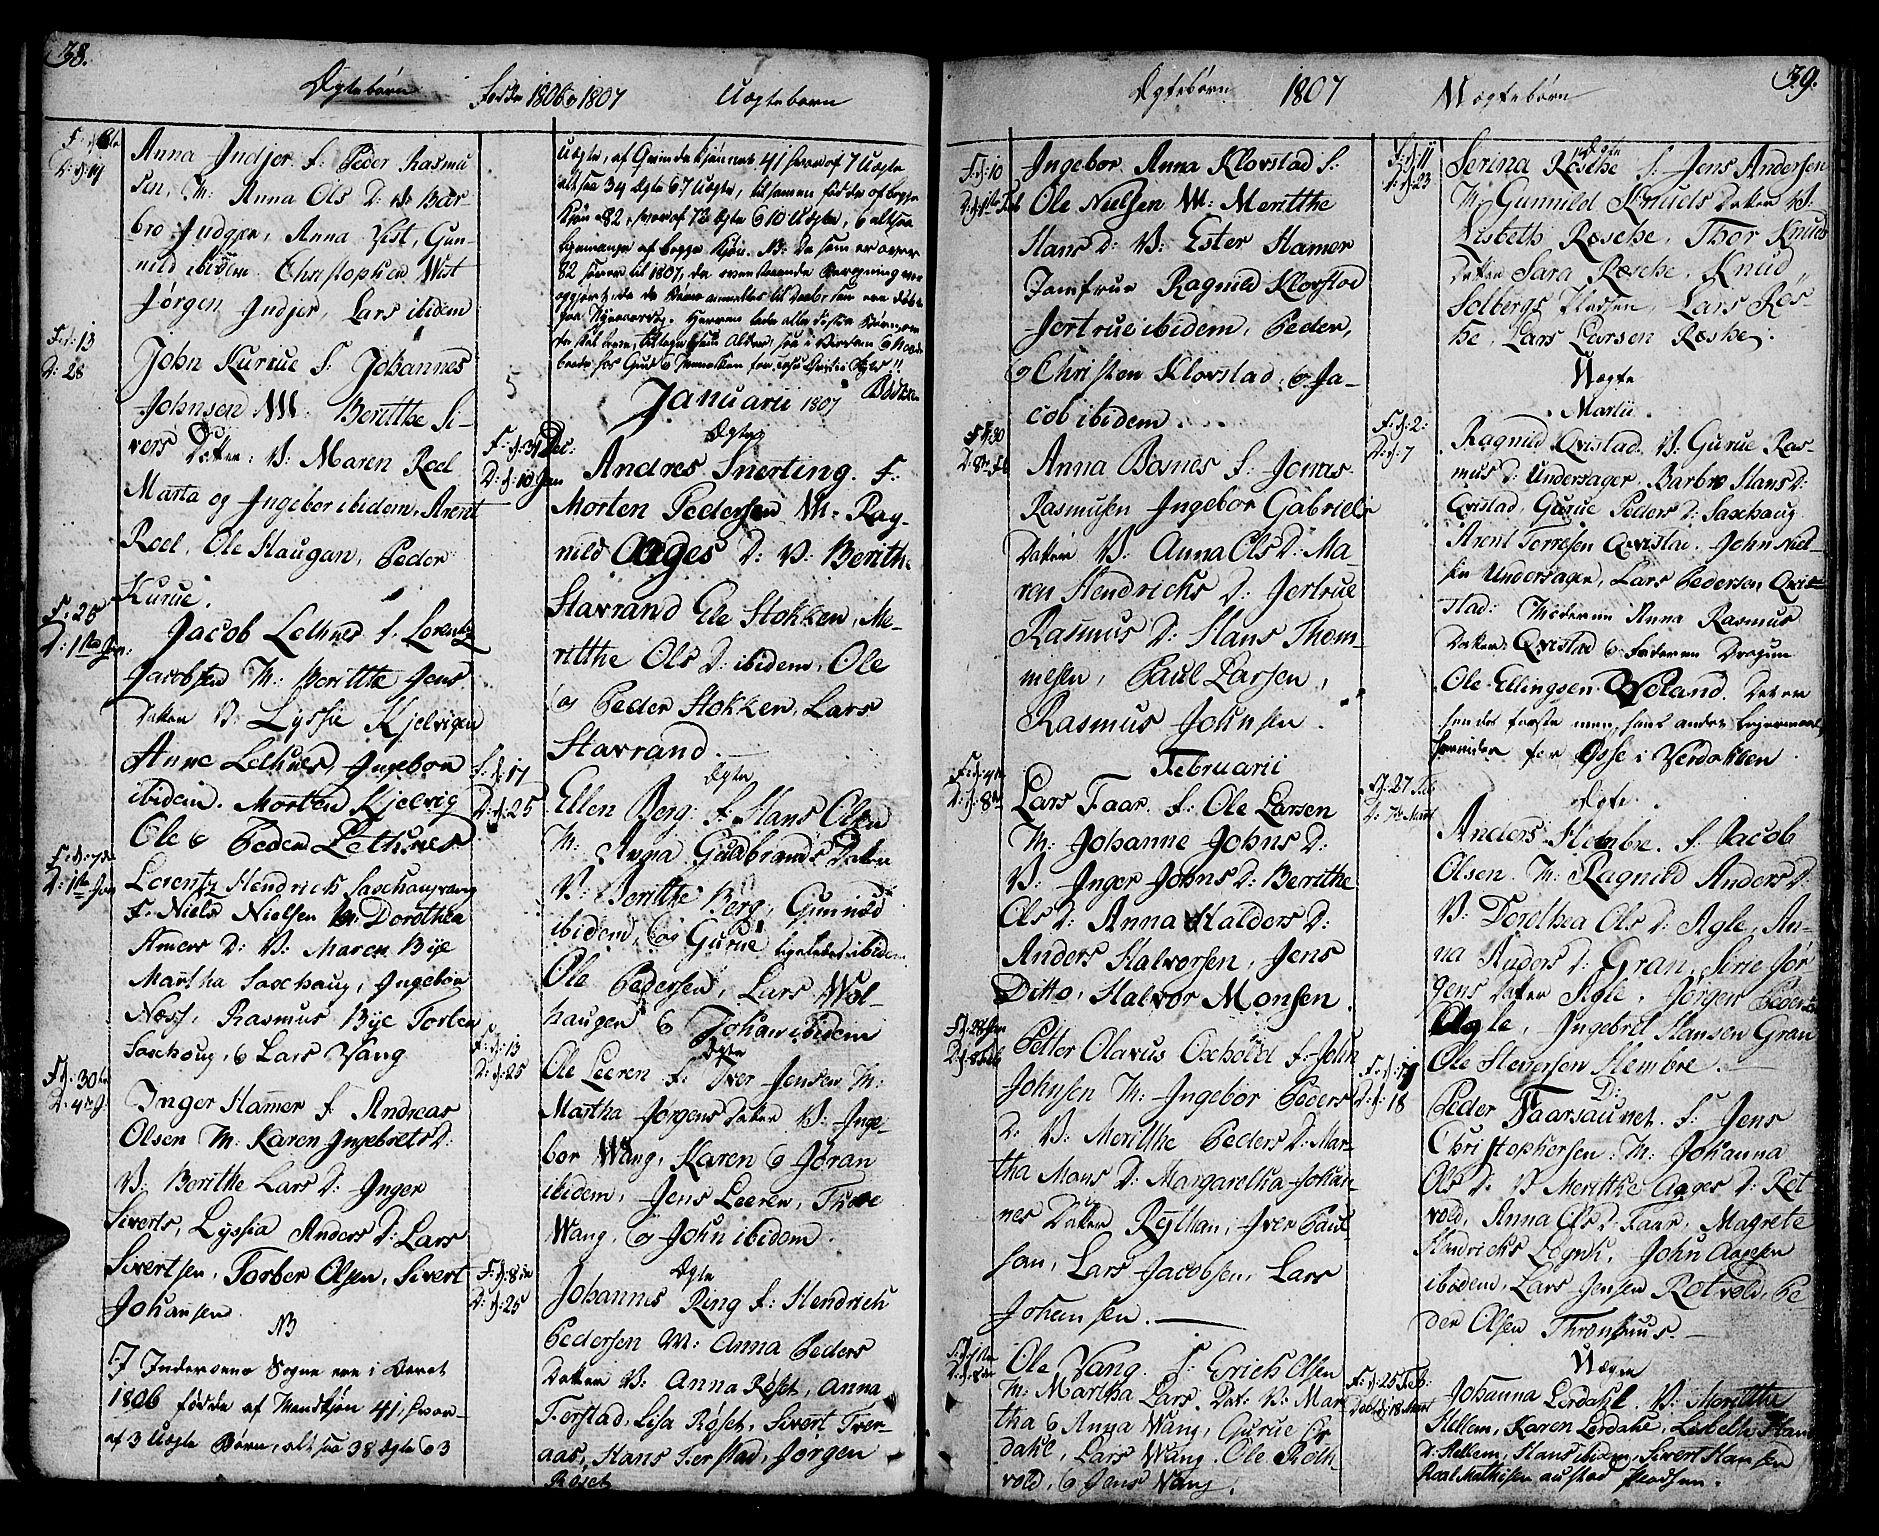 SAT, Ministerialprotokoller, klokkerbøker og fødselsregistre - Nord-Trøndelag, 730/L0274: Ministerialbok nr. 730A03, 1802-1816, s. 38-39